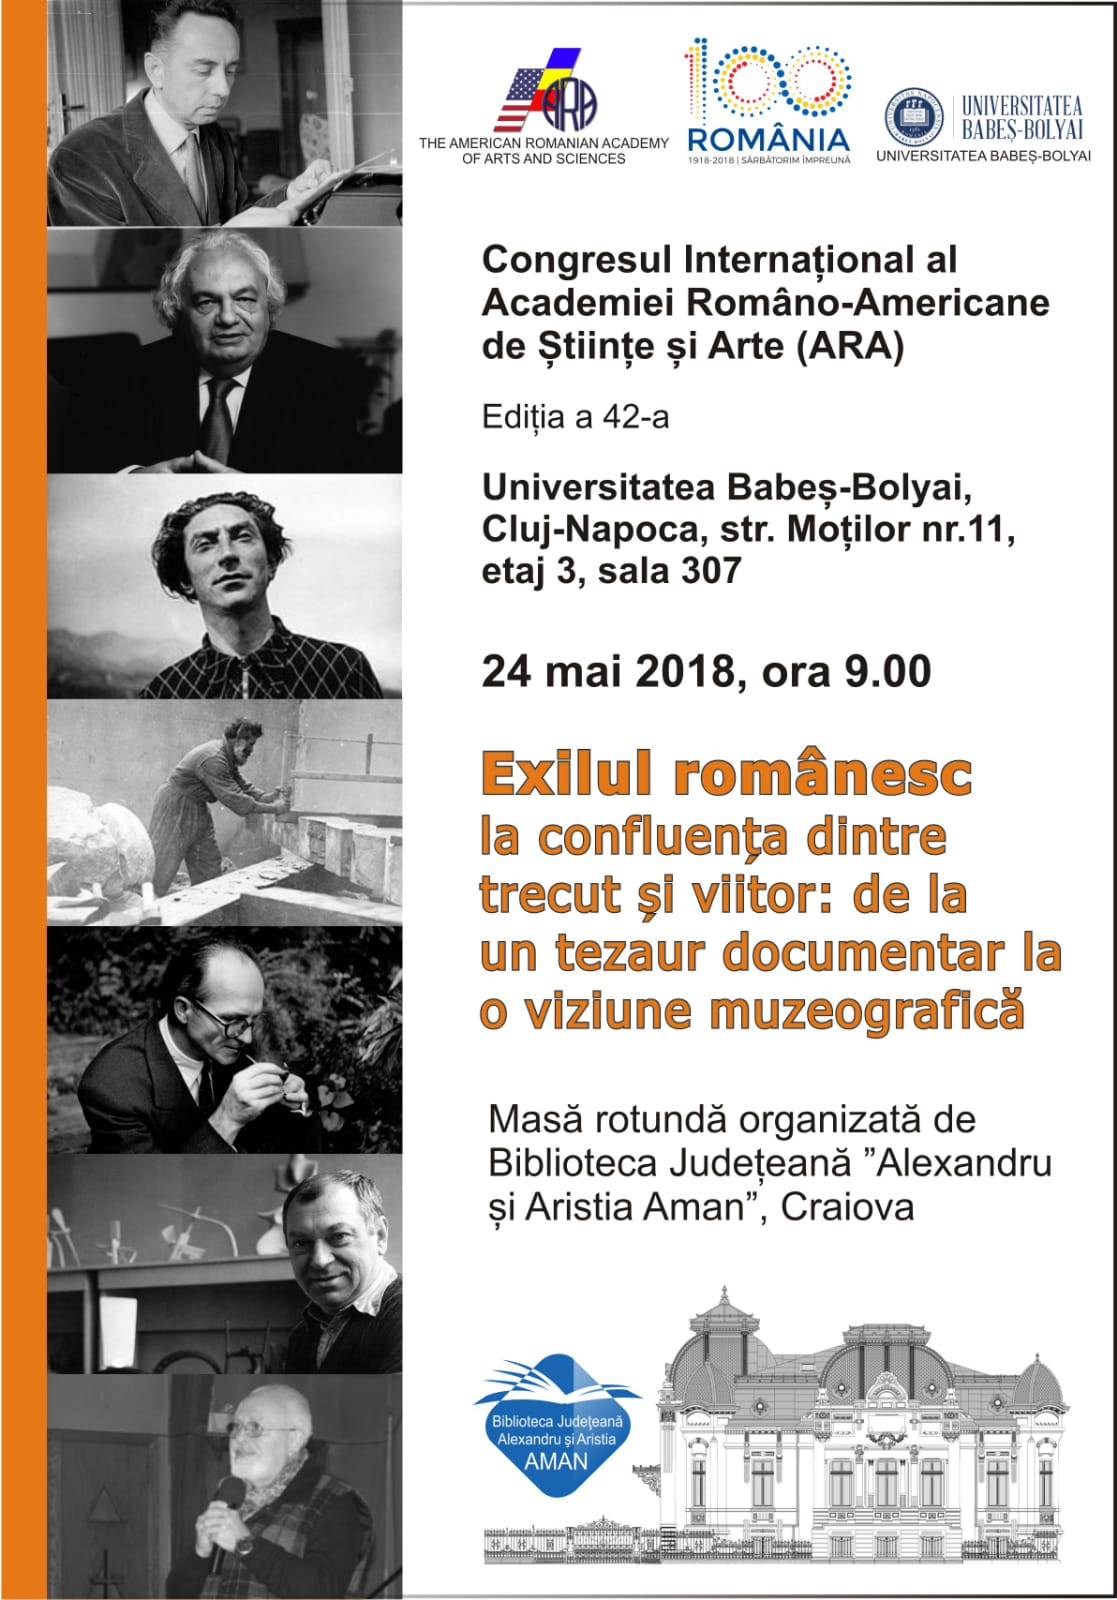 Congresul Academiei Româno-Americane de Științe și Arte